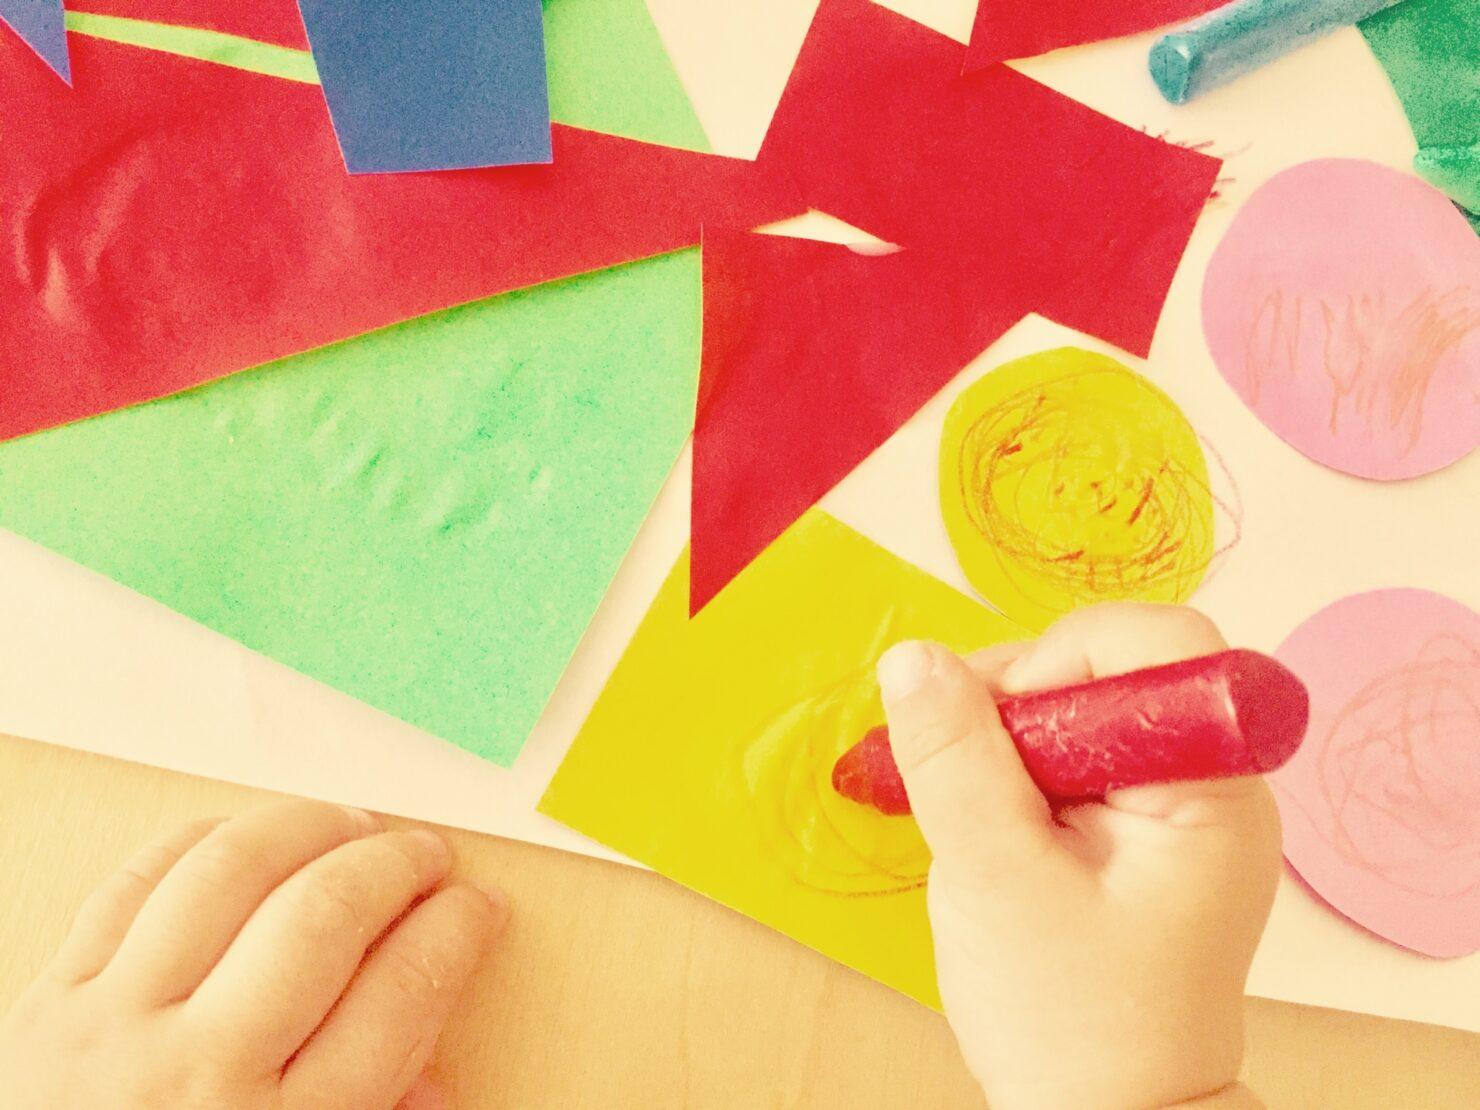 【簡単】子供と作ろう! 折り紙のお正月飾り